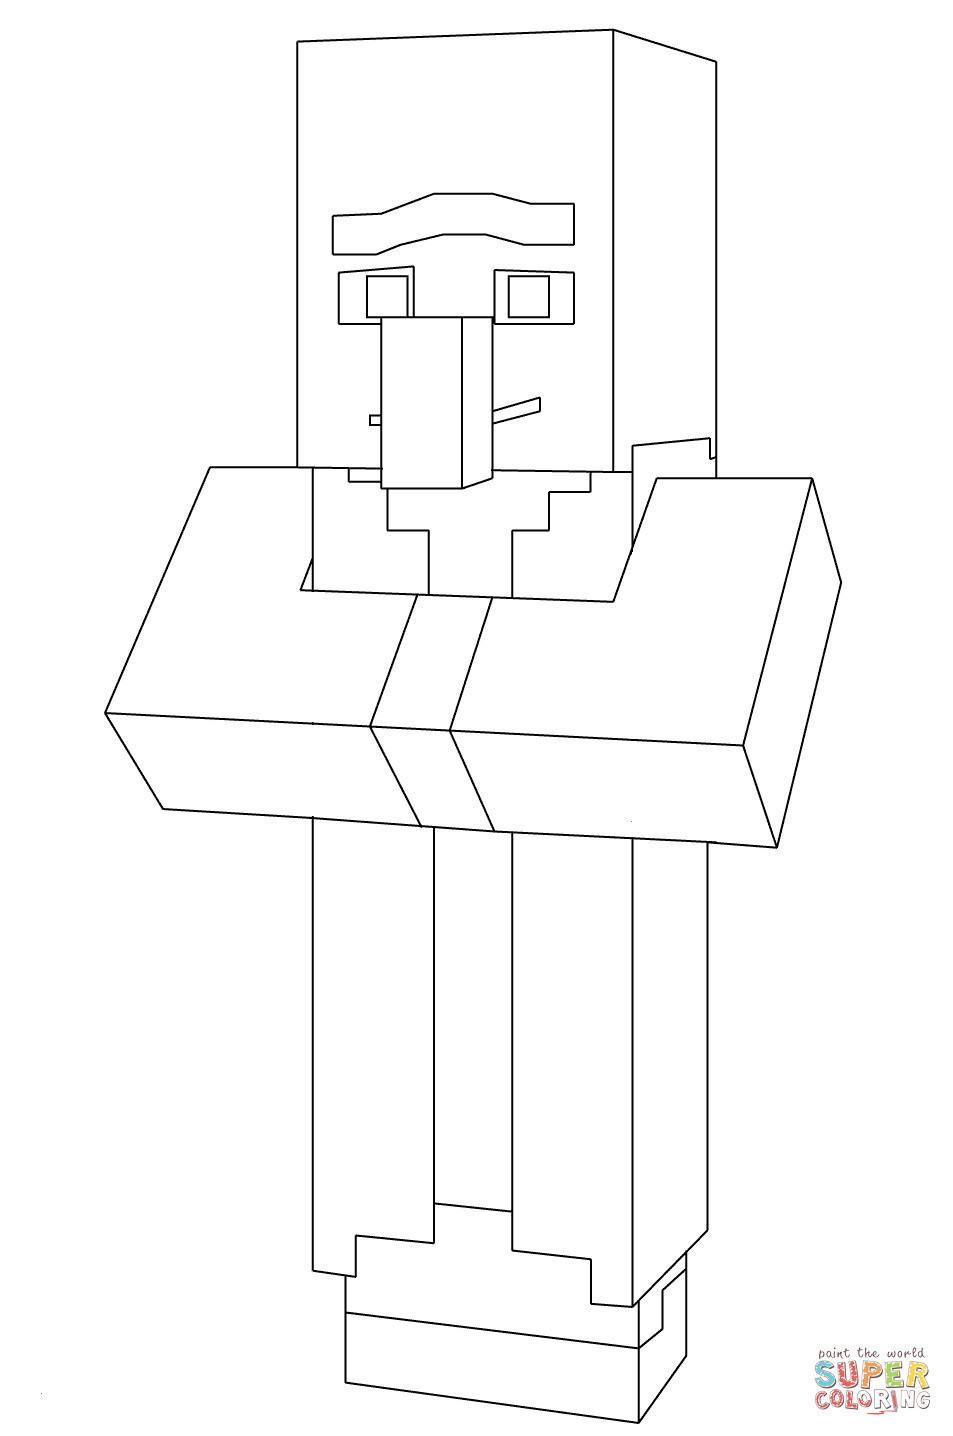 Minecraft Bilder Zum Ausmalen Das Beste Von Ausmalbild Minecraft Ender Drache Genial Ausmalbilder Minecraft Fotos